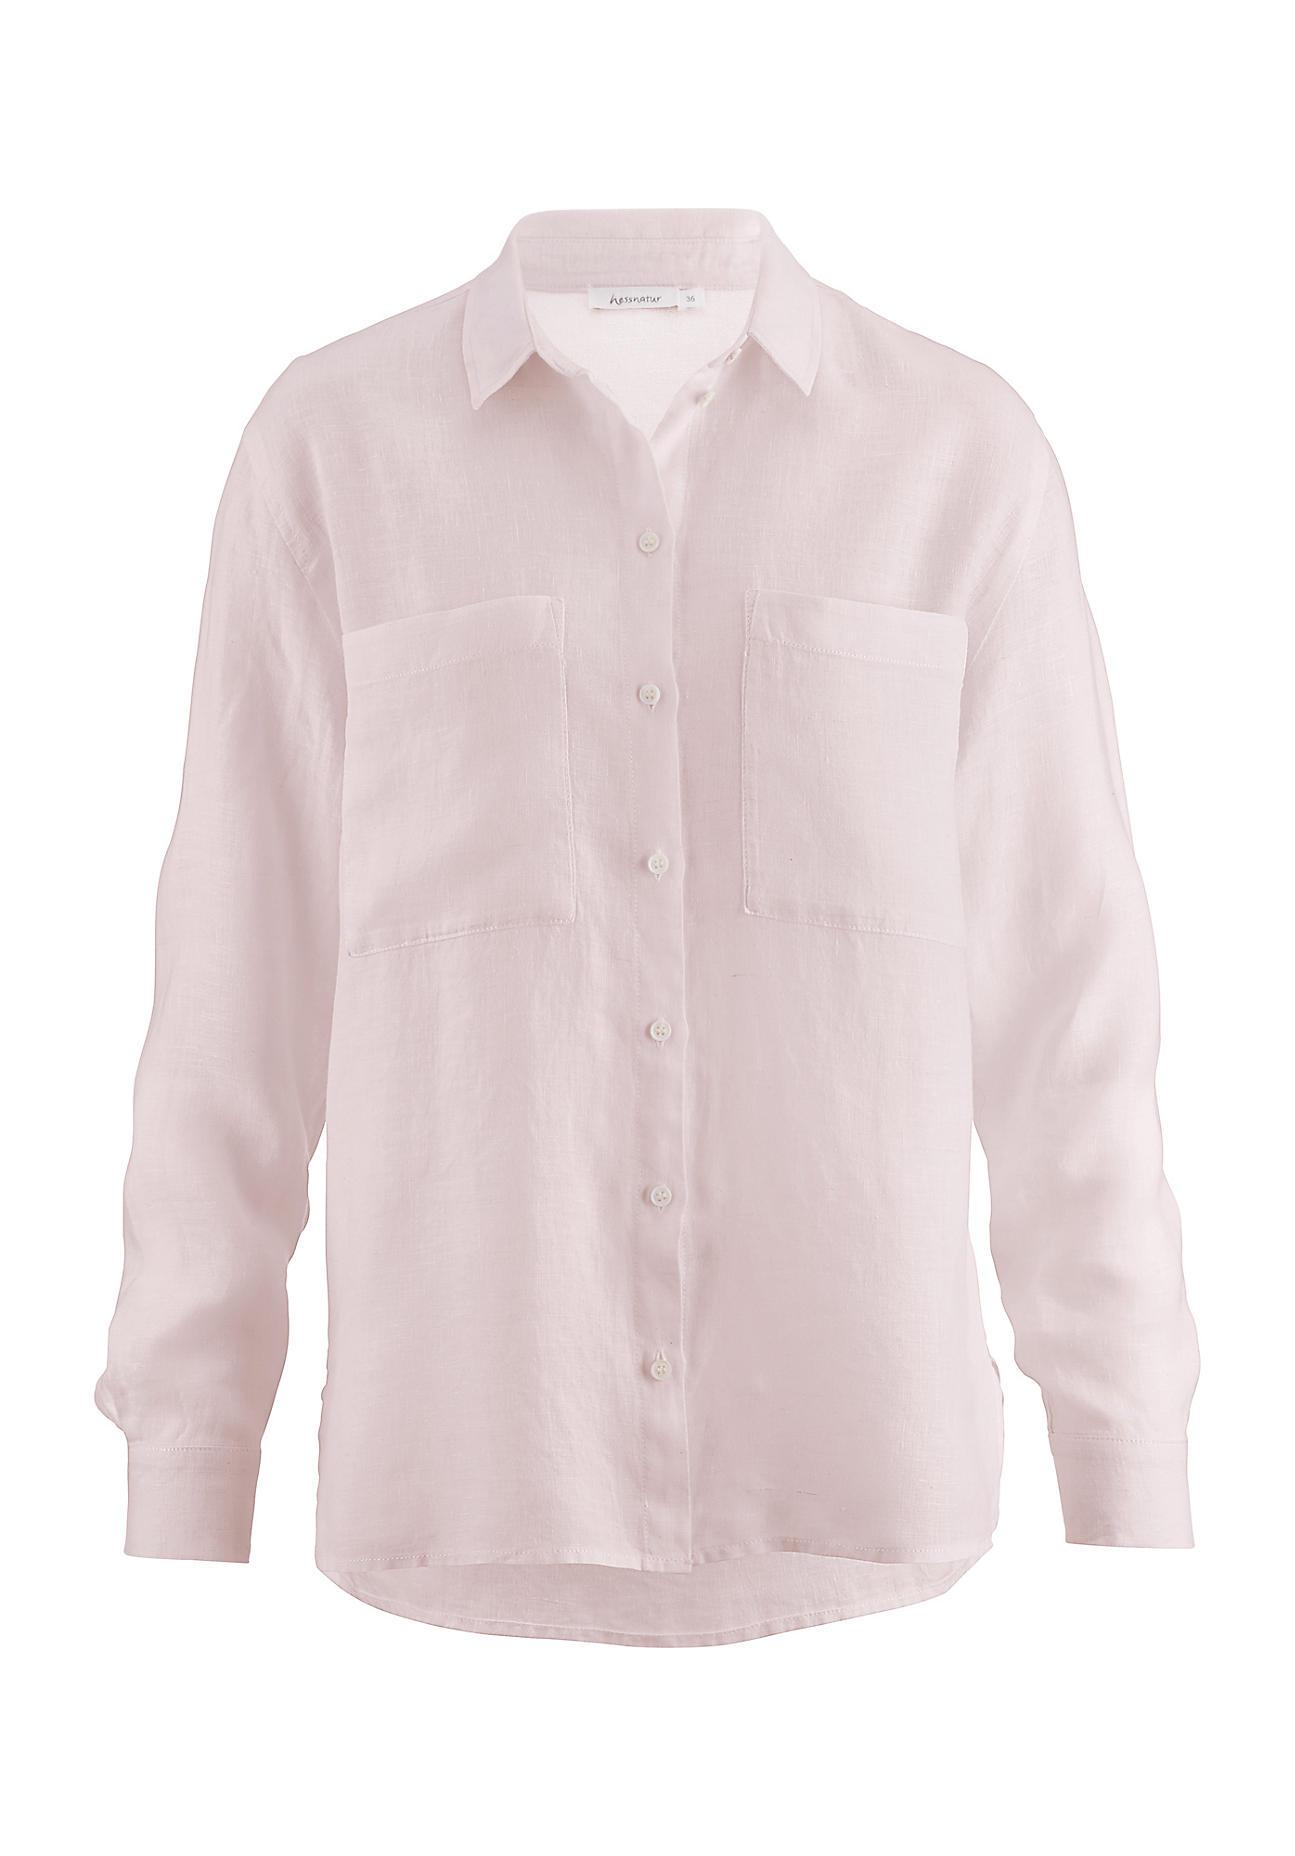 Damen Leinenbluse Bluse aus Leinen in creme rosa von Sheego Gr 40